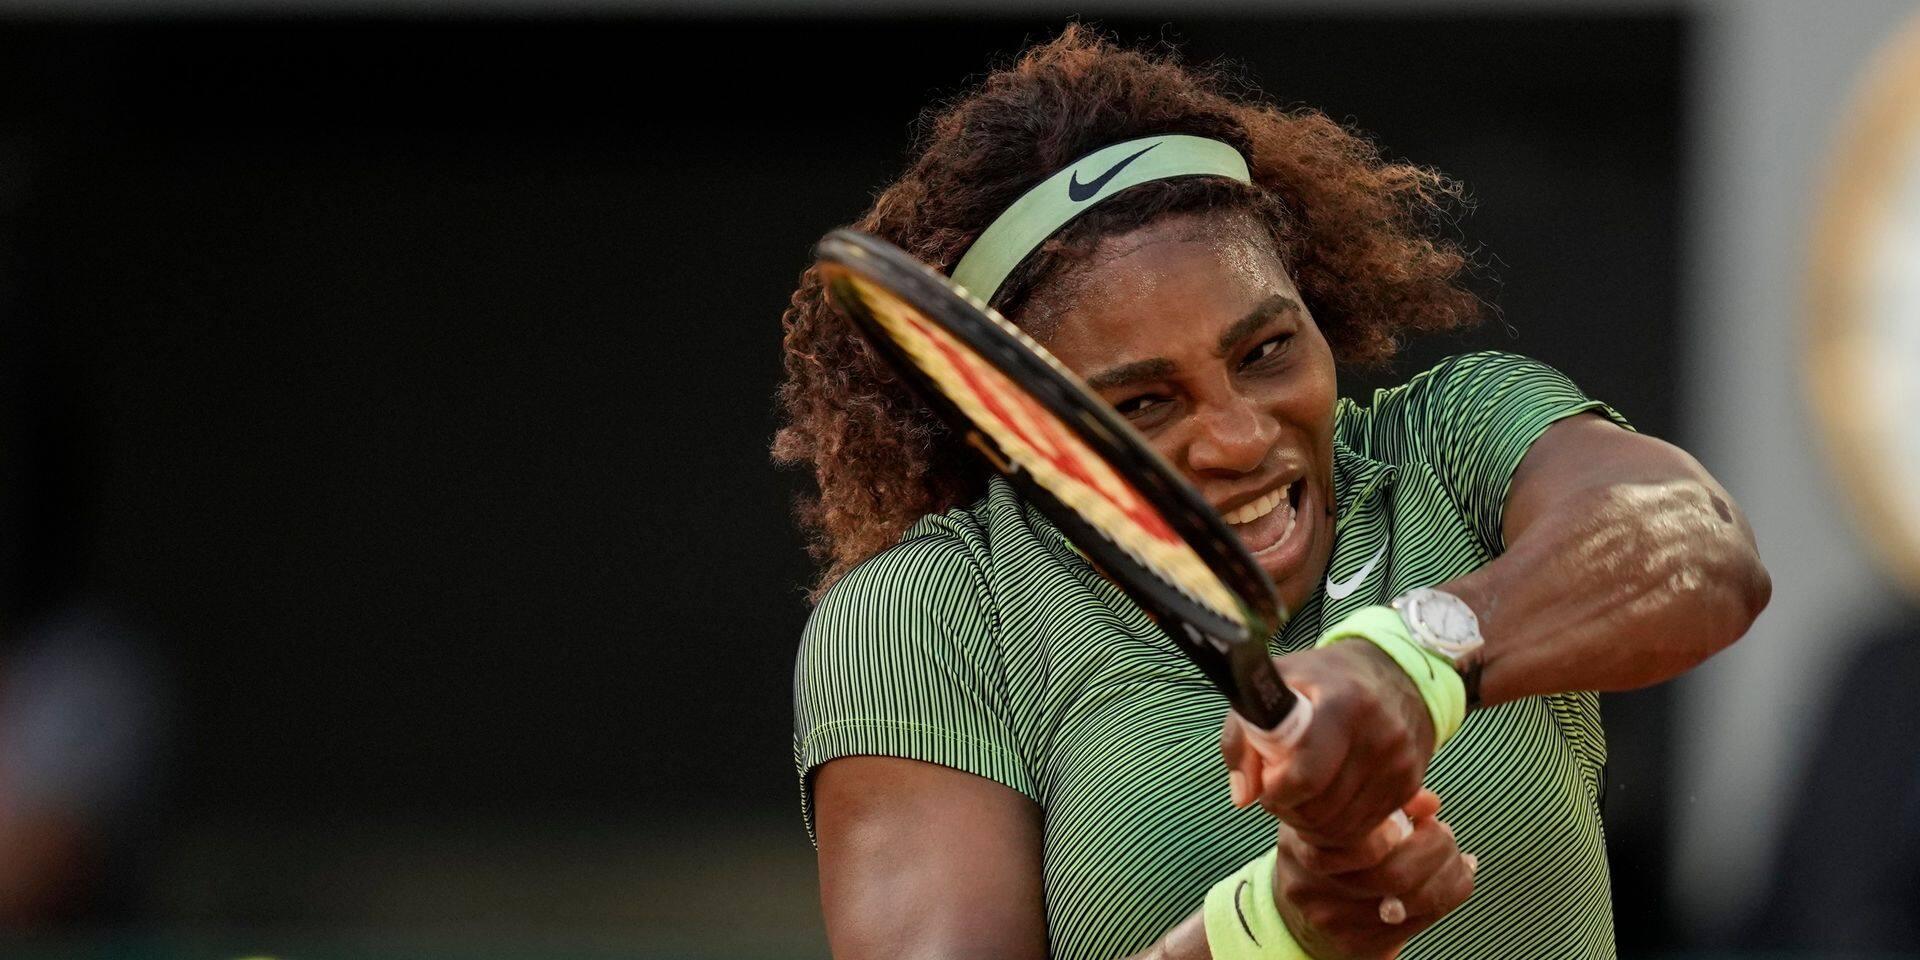 Roland-Garros: Serena Williams se qualifie dans la difficulté pour le troisième tour, Medvedev passe mais laisse filer un set